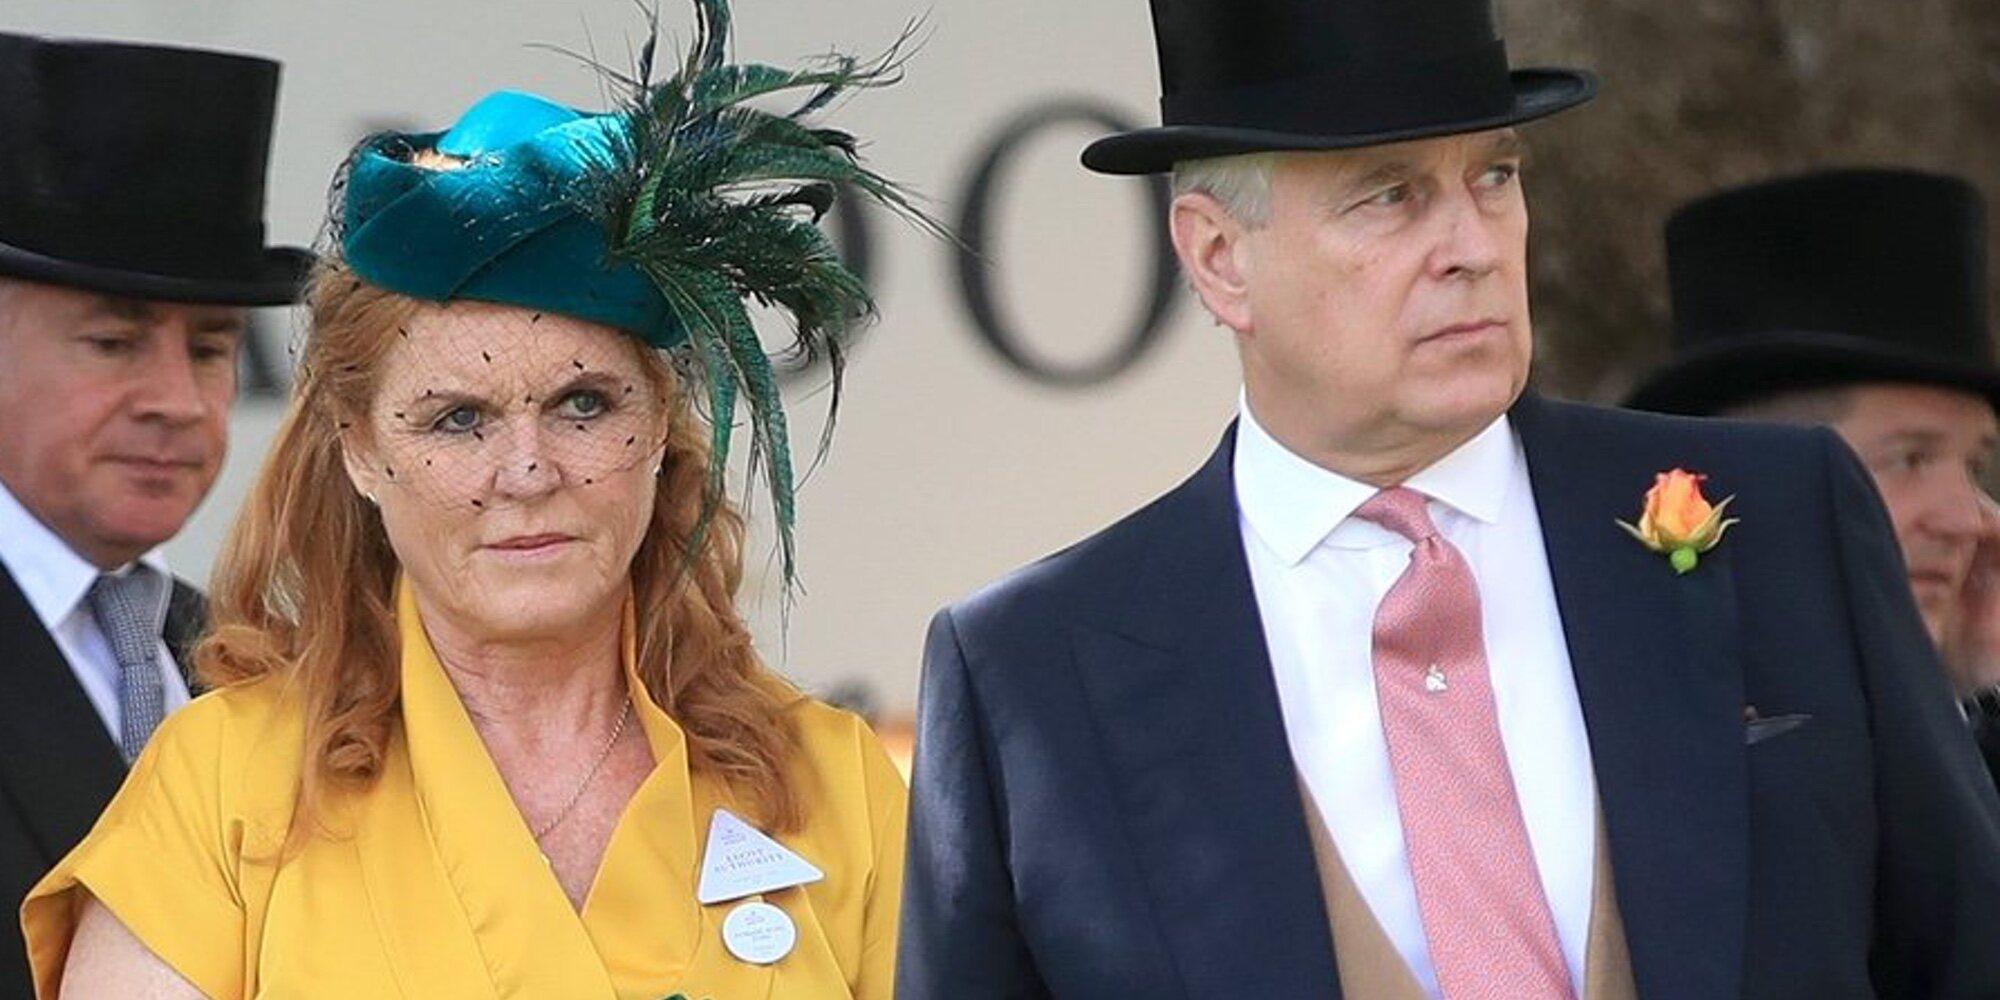 Sarah Ferguson sigue defendiendo a su exmarido el Príncipe Andrés en el caso de Jeffrey Epstein